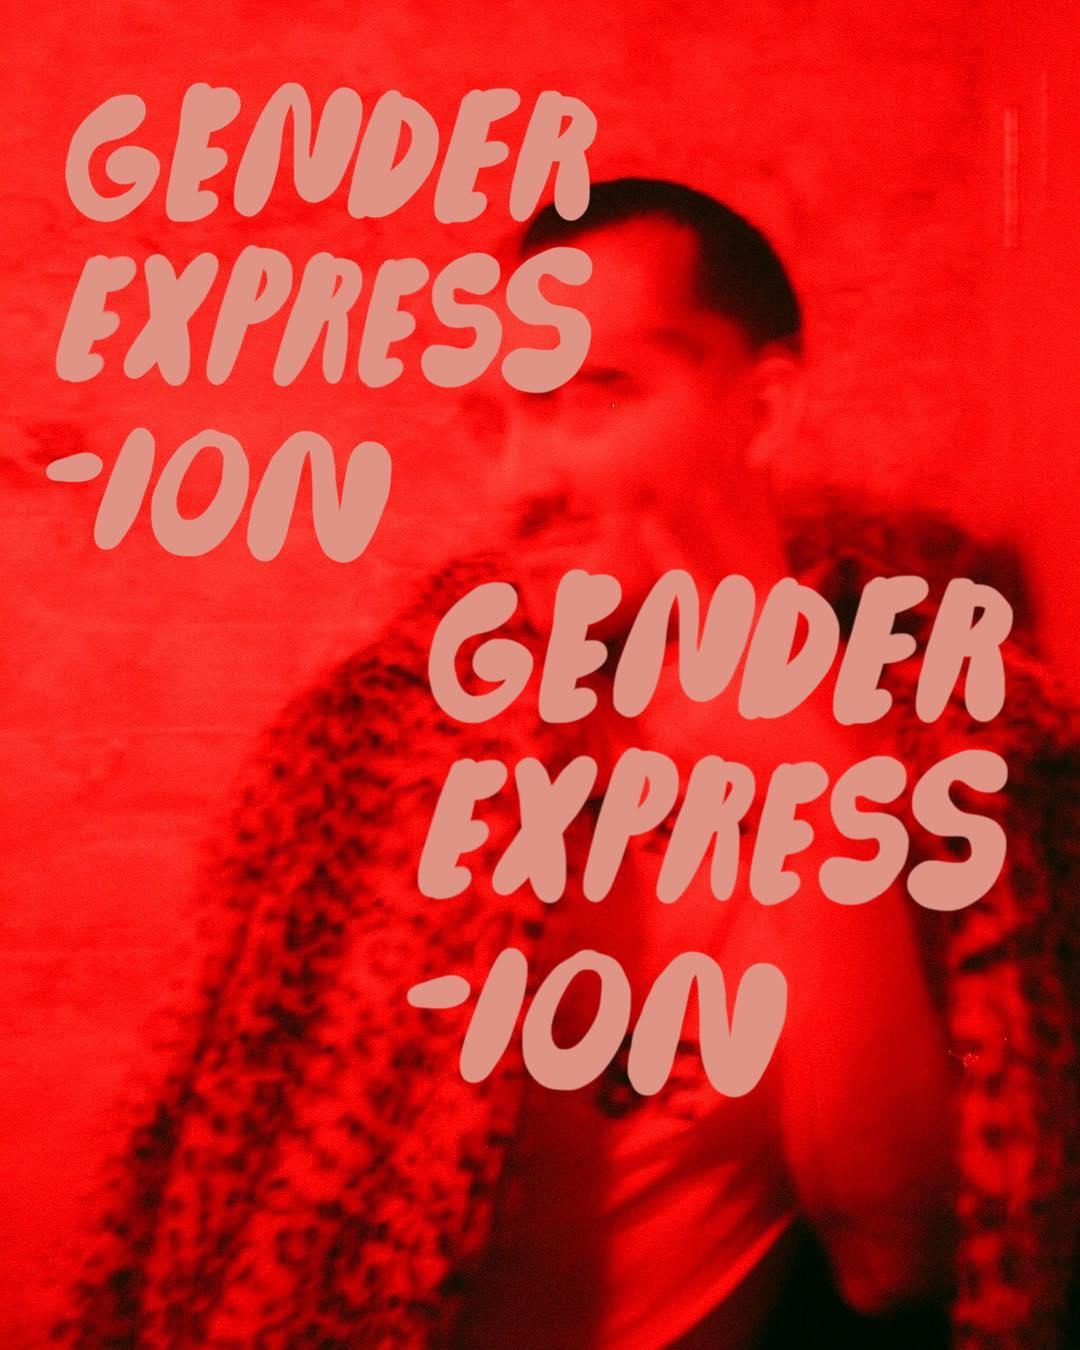 Gender expression poster